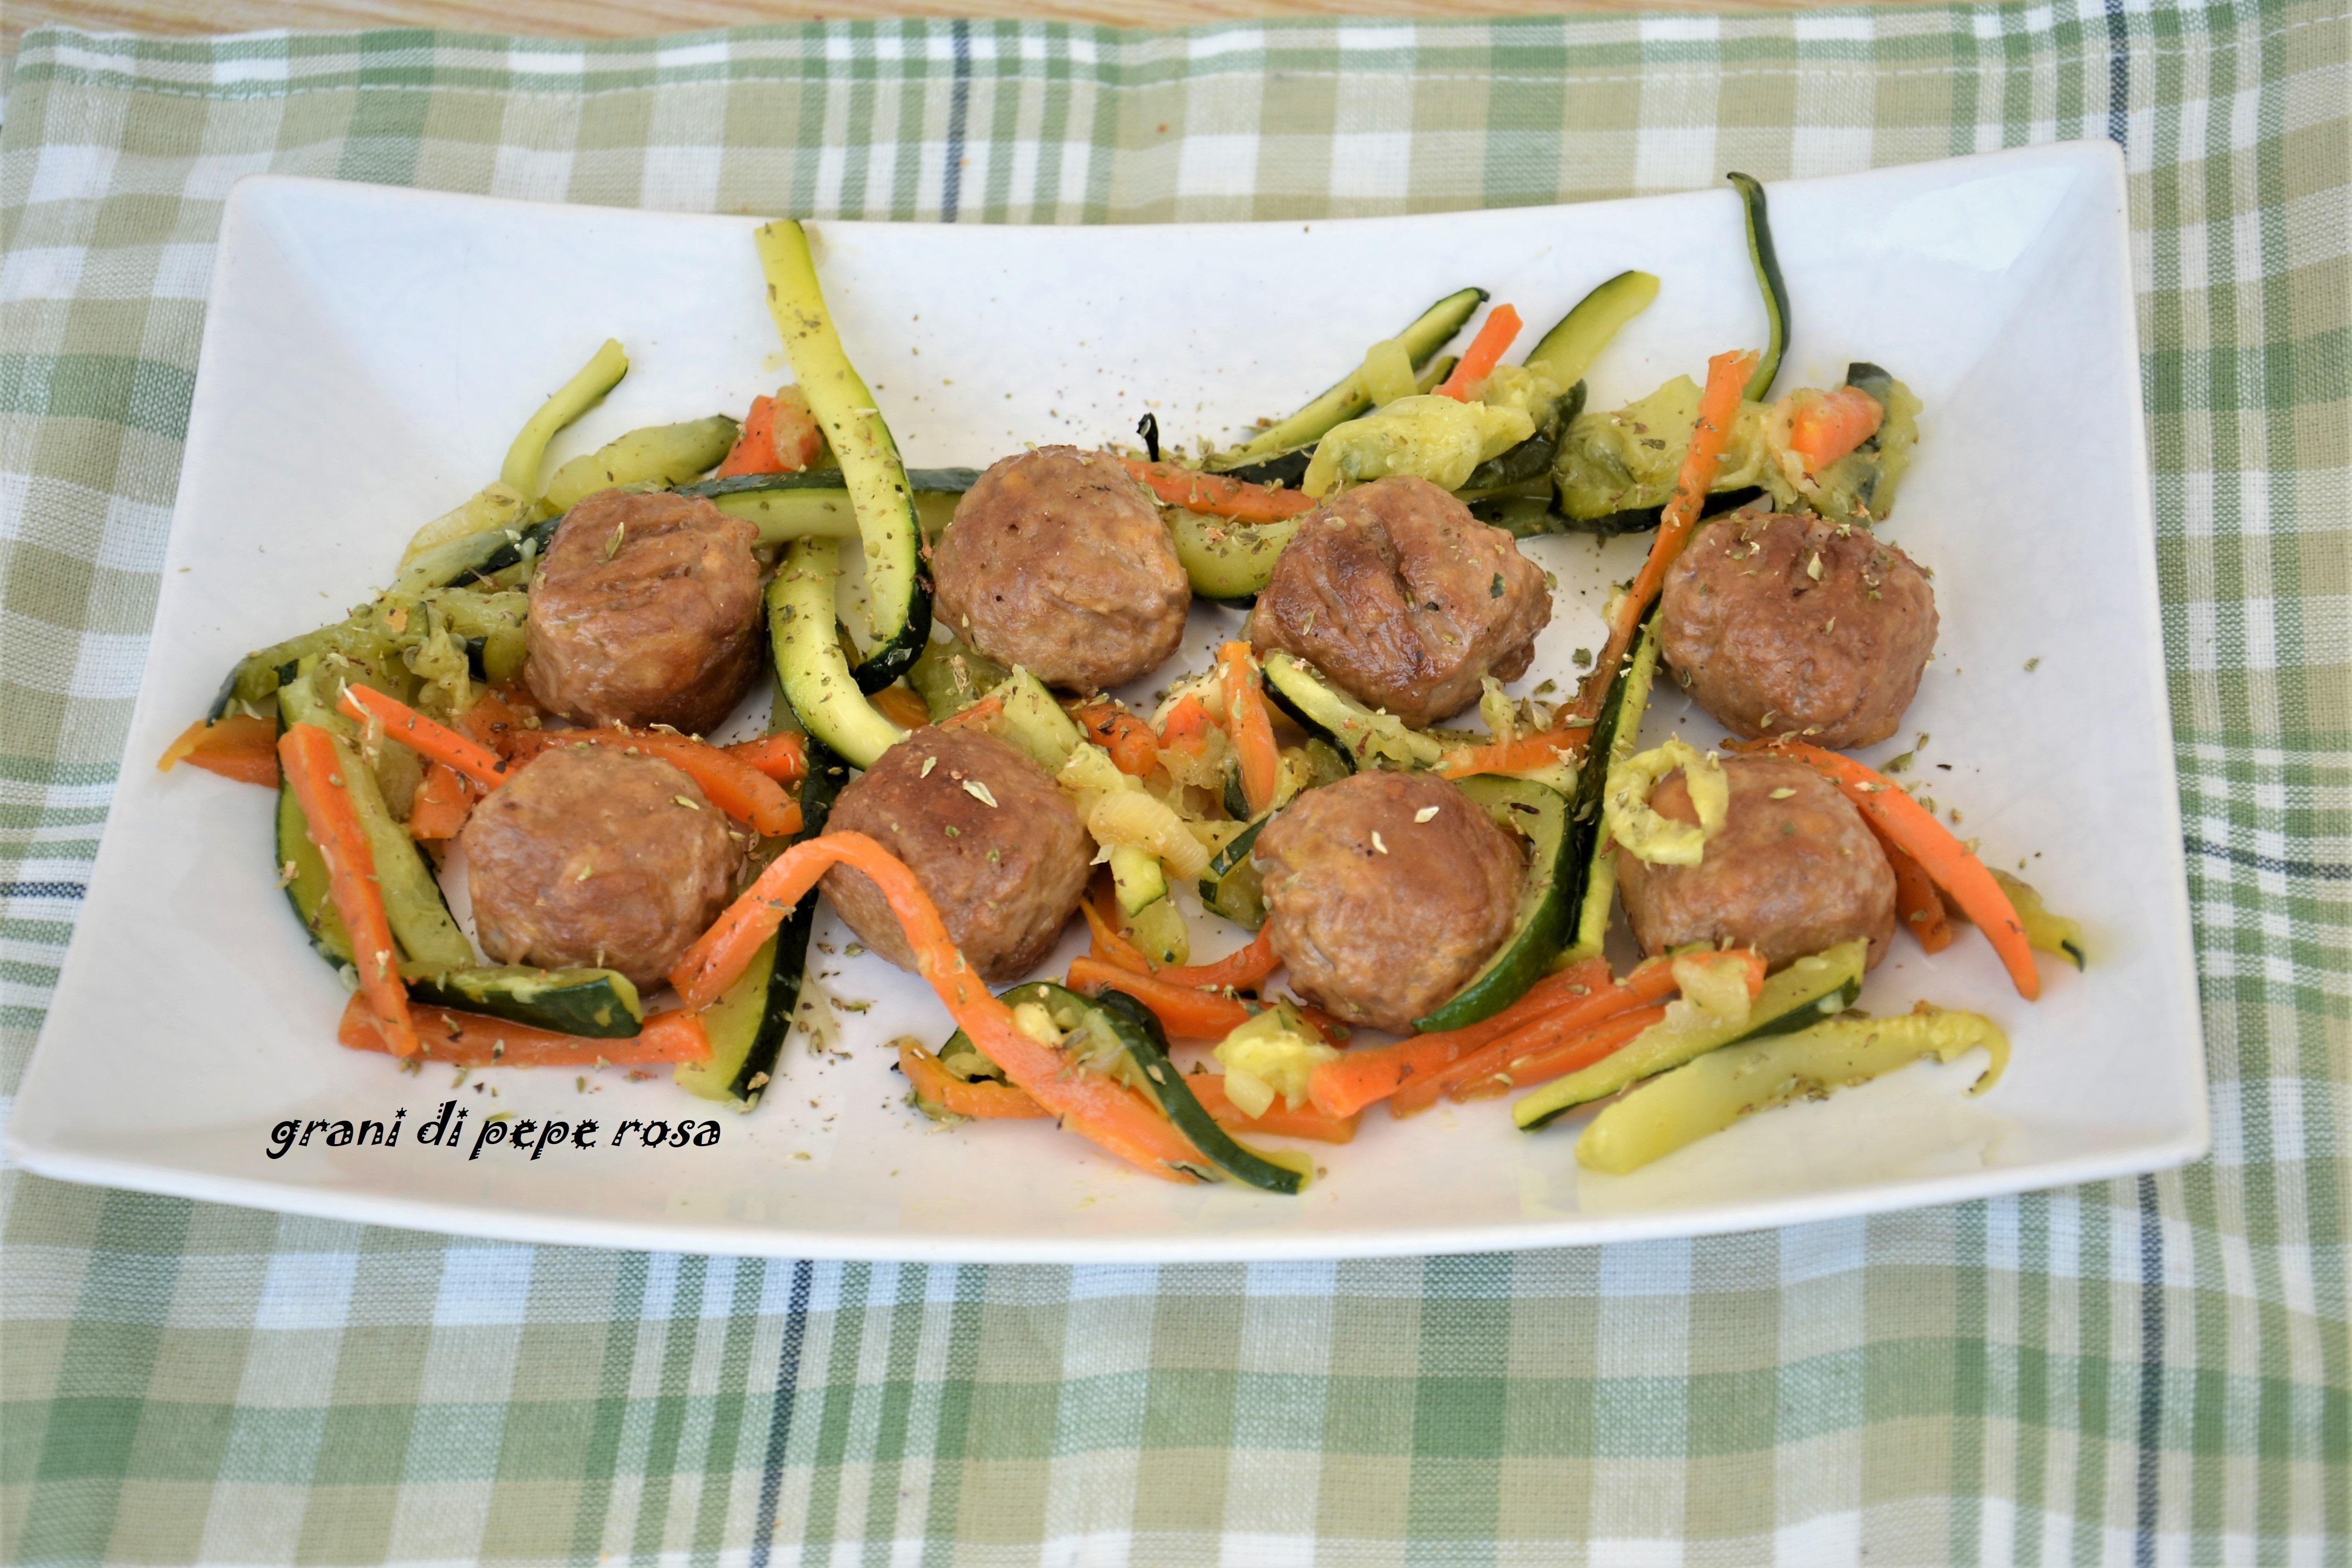 Polpette vegetali Quorn e contorno,un secondo piatto completo, dal sapore delicato, sano, adatto a chi segue un regime alimentare vegetariano